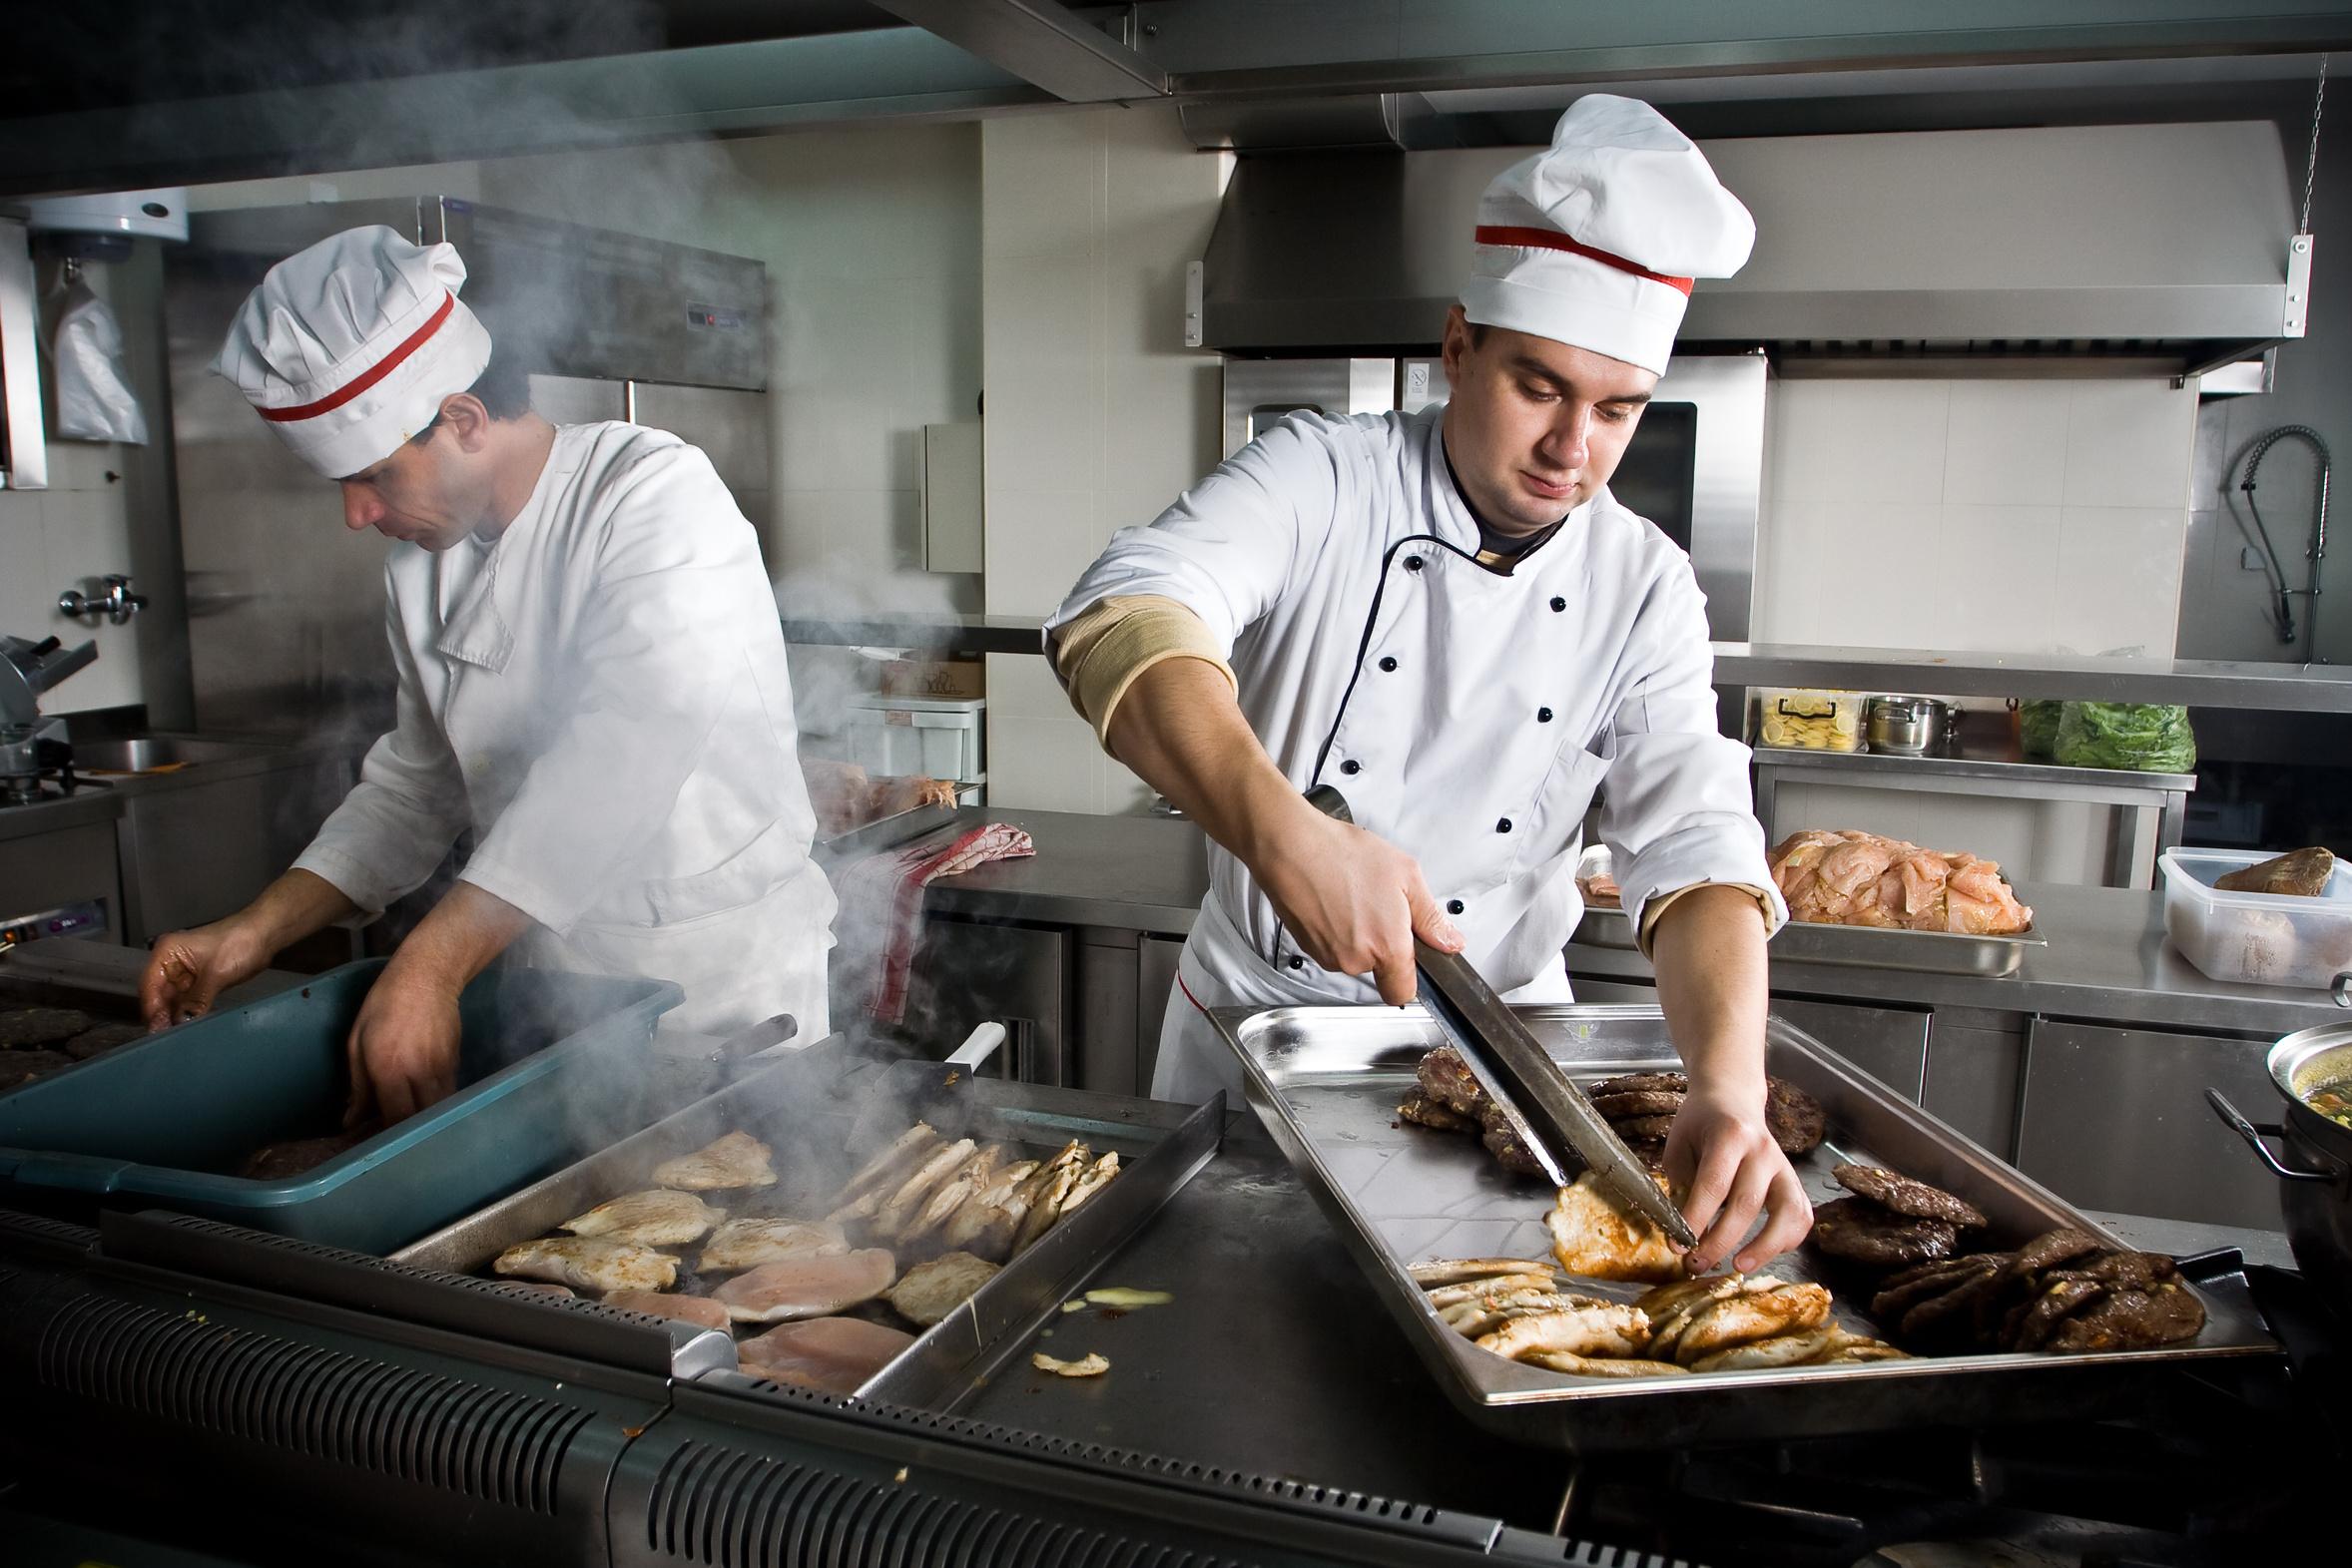 Restaurant Kitchen Chefs two chefs at work in a restaurant - bosabe